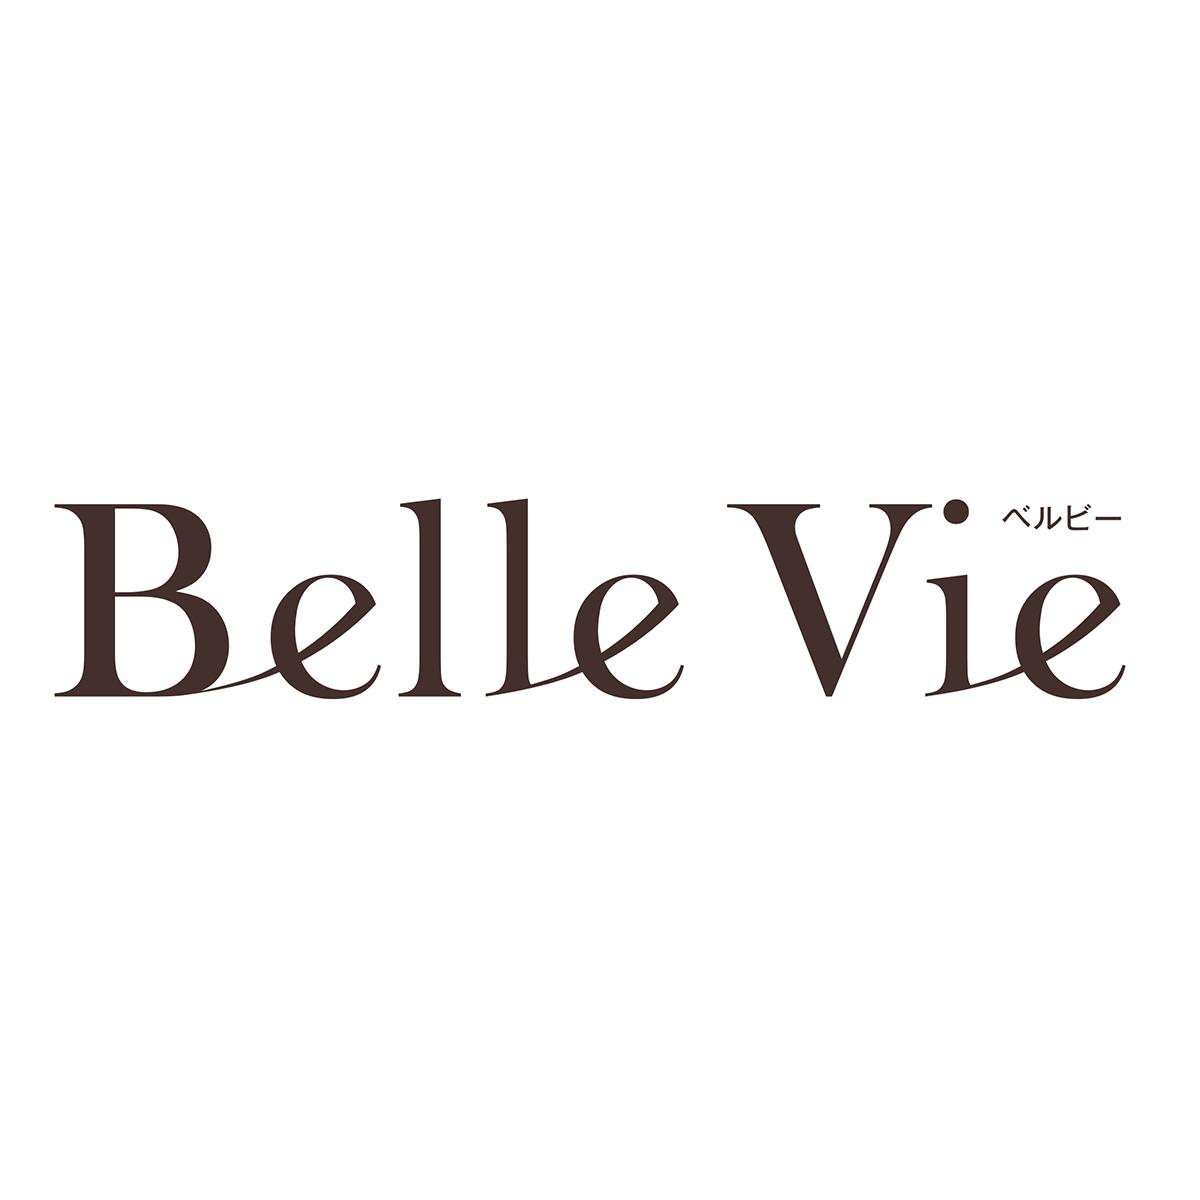 サービス付き高齢者向け住宅 Belle Vie ロゴタイプ